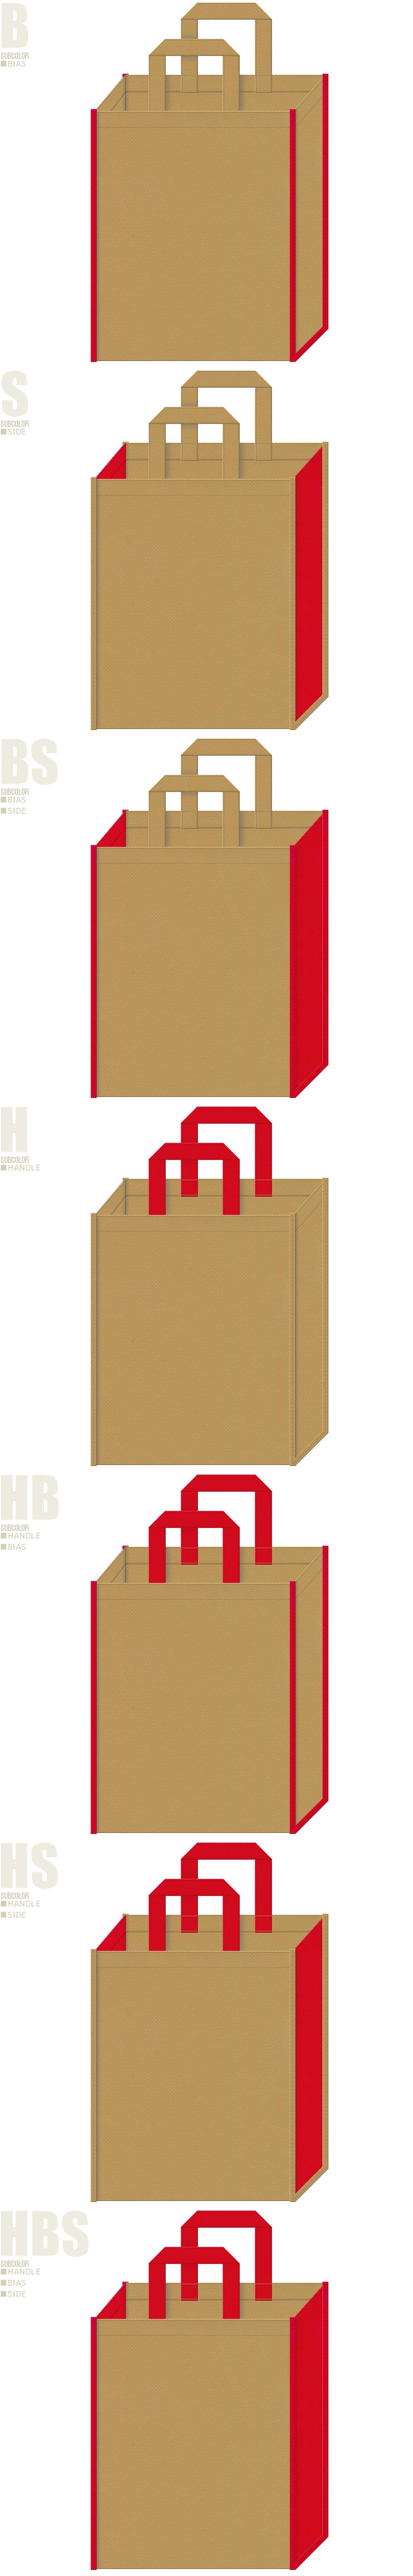 金黄土色と紅色、7パターンの不織布トートバッグ配色デザイン例。